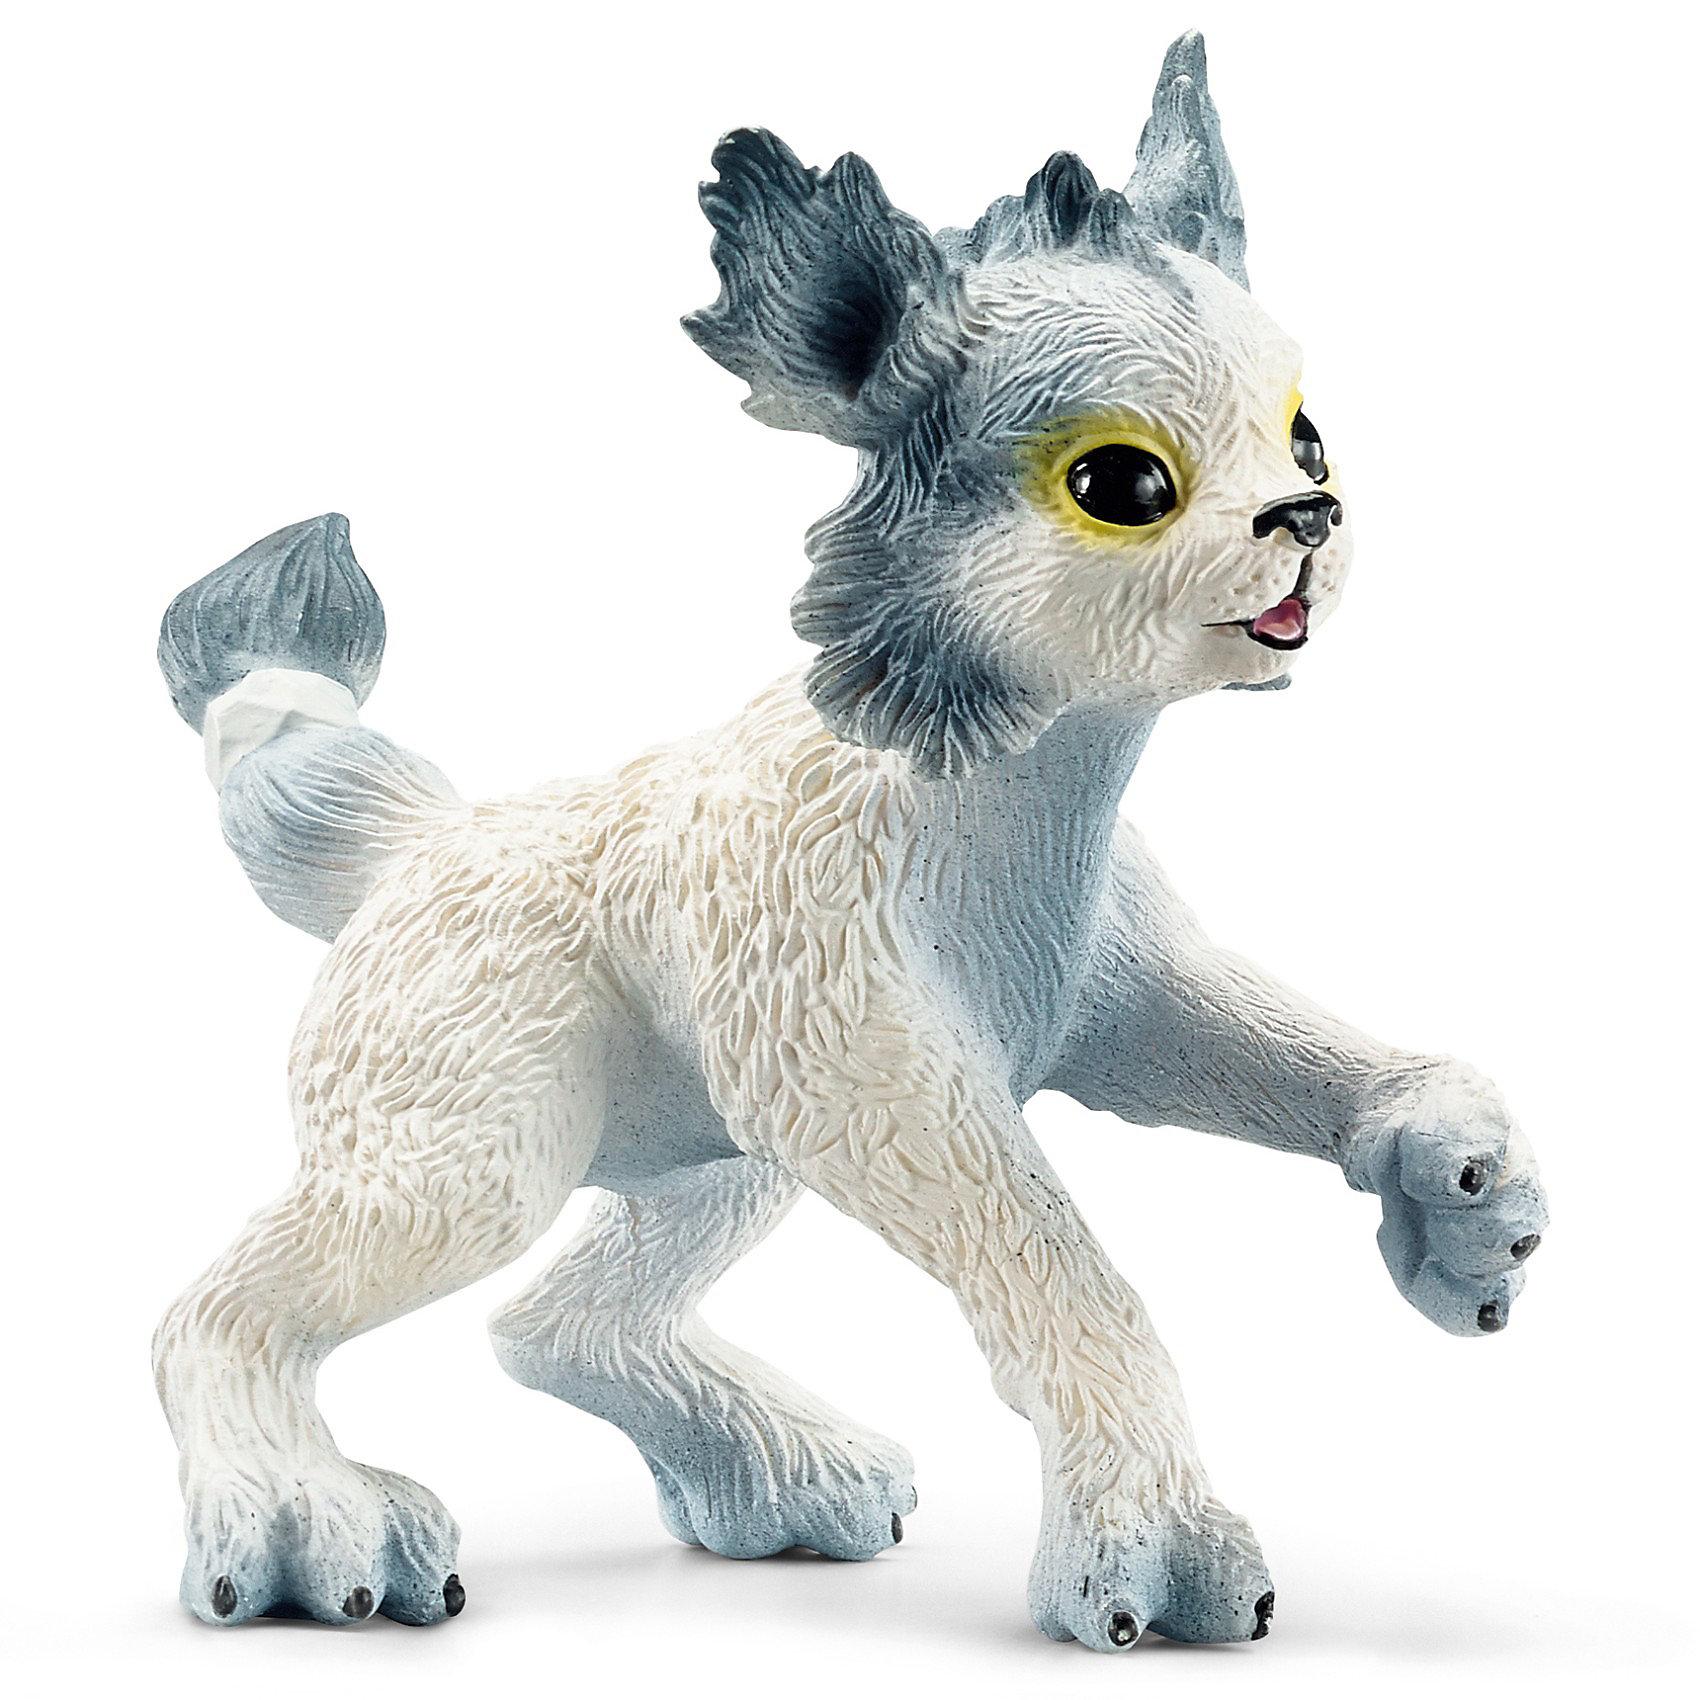 Собака, SchleichСобака, Schleich (Шляйх) - игровая фигурка от немецкого производителя Schleich (Шляйх).<br>Фигурка озорного Ки-куки непременно понравится вашему ребенку и пополнит его коллекцию эльфов от Schleich (Шляйх). Ки-куки – маленький забавный зверек, который любит подкарауливать эльфов Ледяного дворца и кусать их. Он давно охотиться на бельчонка Зимси, но никак не может его поймать. Все фигурки Schleich (Шляйх) сделаны из гипоаллергенных высокотехнологичных материалов, не вызывают аллергии у ребенка. Прекрасно выполненные фигурки Schleich (Шляйх) отличаются высочайшим качеством игрушек ручной работы. Каждая фигурка разработана с учетом исследований в области педагогики и производится как настоящее произведение для маленьких детских ручек. <br><br>Дополнительная информация:<br><br>-Размер фигурки: 6,5 x 6 x 4,5 см.<br>-Вес фигурки: 18 грамм<br>-Материал: каучуковый пластик<br><br>Собака, Schleich (Шляйх) - ваш ребенок будет наслаждаться игрой с новой восхитительной игрушкой.<br><br>Фигурку Собаки, Schleich (Шляйх) можно купить в нашем интернет-магазине.<br><br>Ширина мм: 64<br>Глубина мм: 45<br>Высота мм: 58<br>Вес г: 16<br>Возраст от месяцев: 36<br>Возраст до месяцев: 96<br>Пол: Женский<br>Возраст: Детский<br>SKU: 3443173